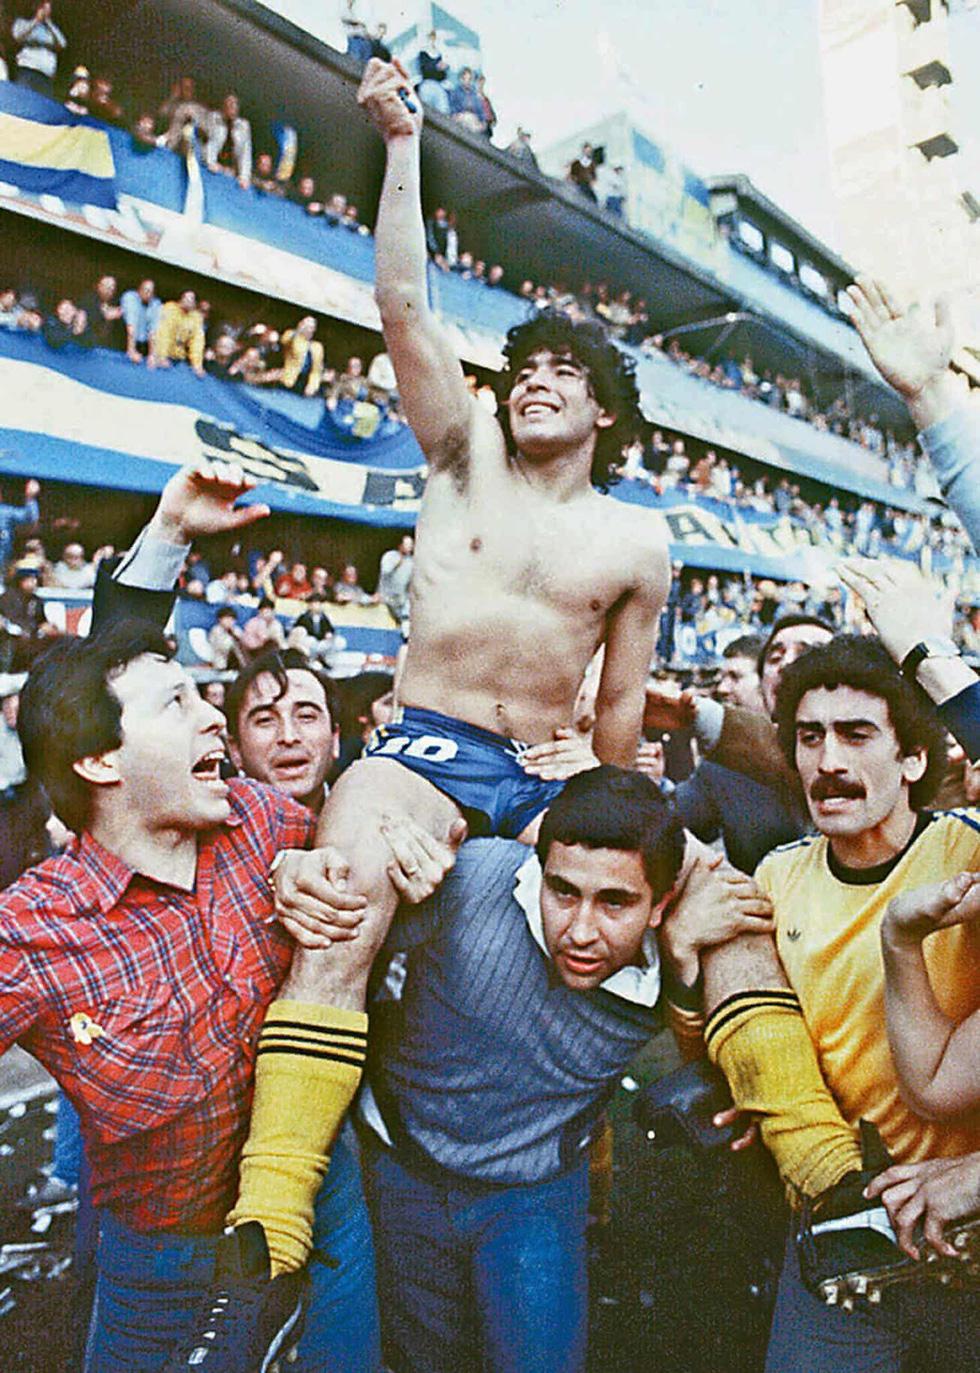 Sự nghiệp vĩ đại của Maradona qua ảnh - Ảnh 4.